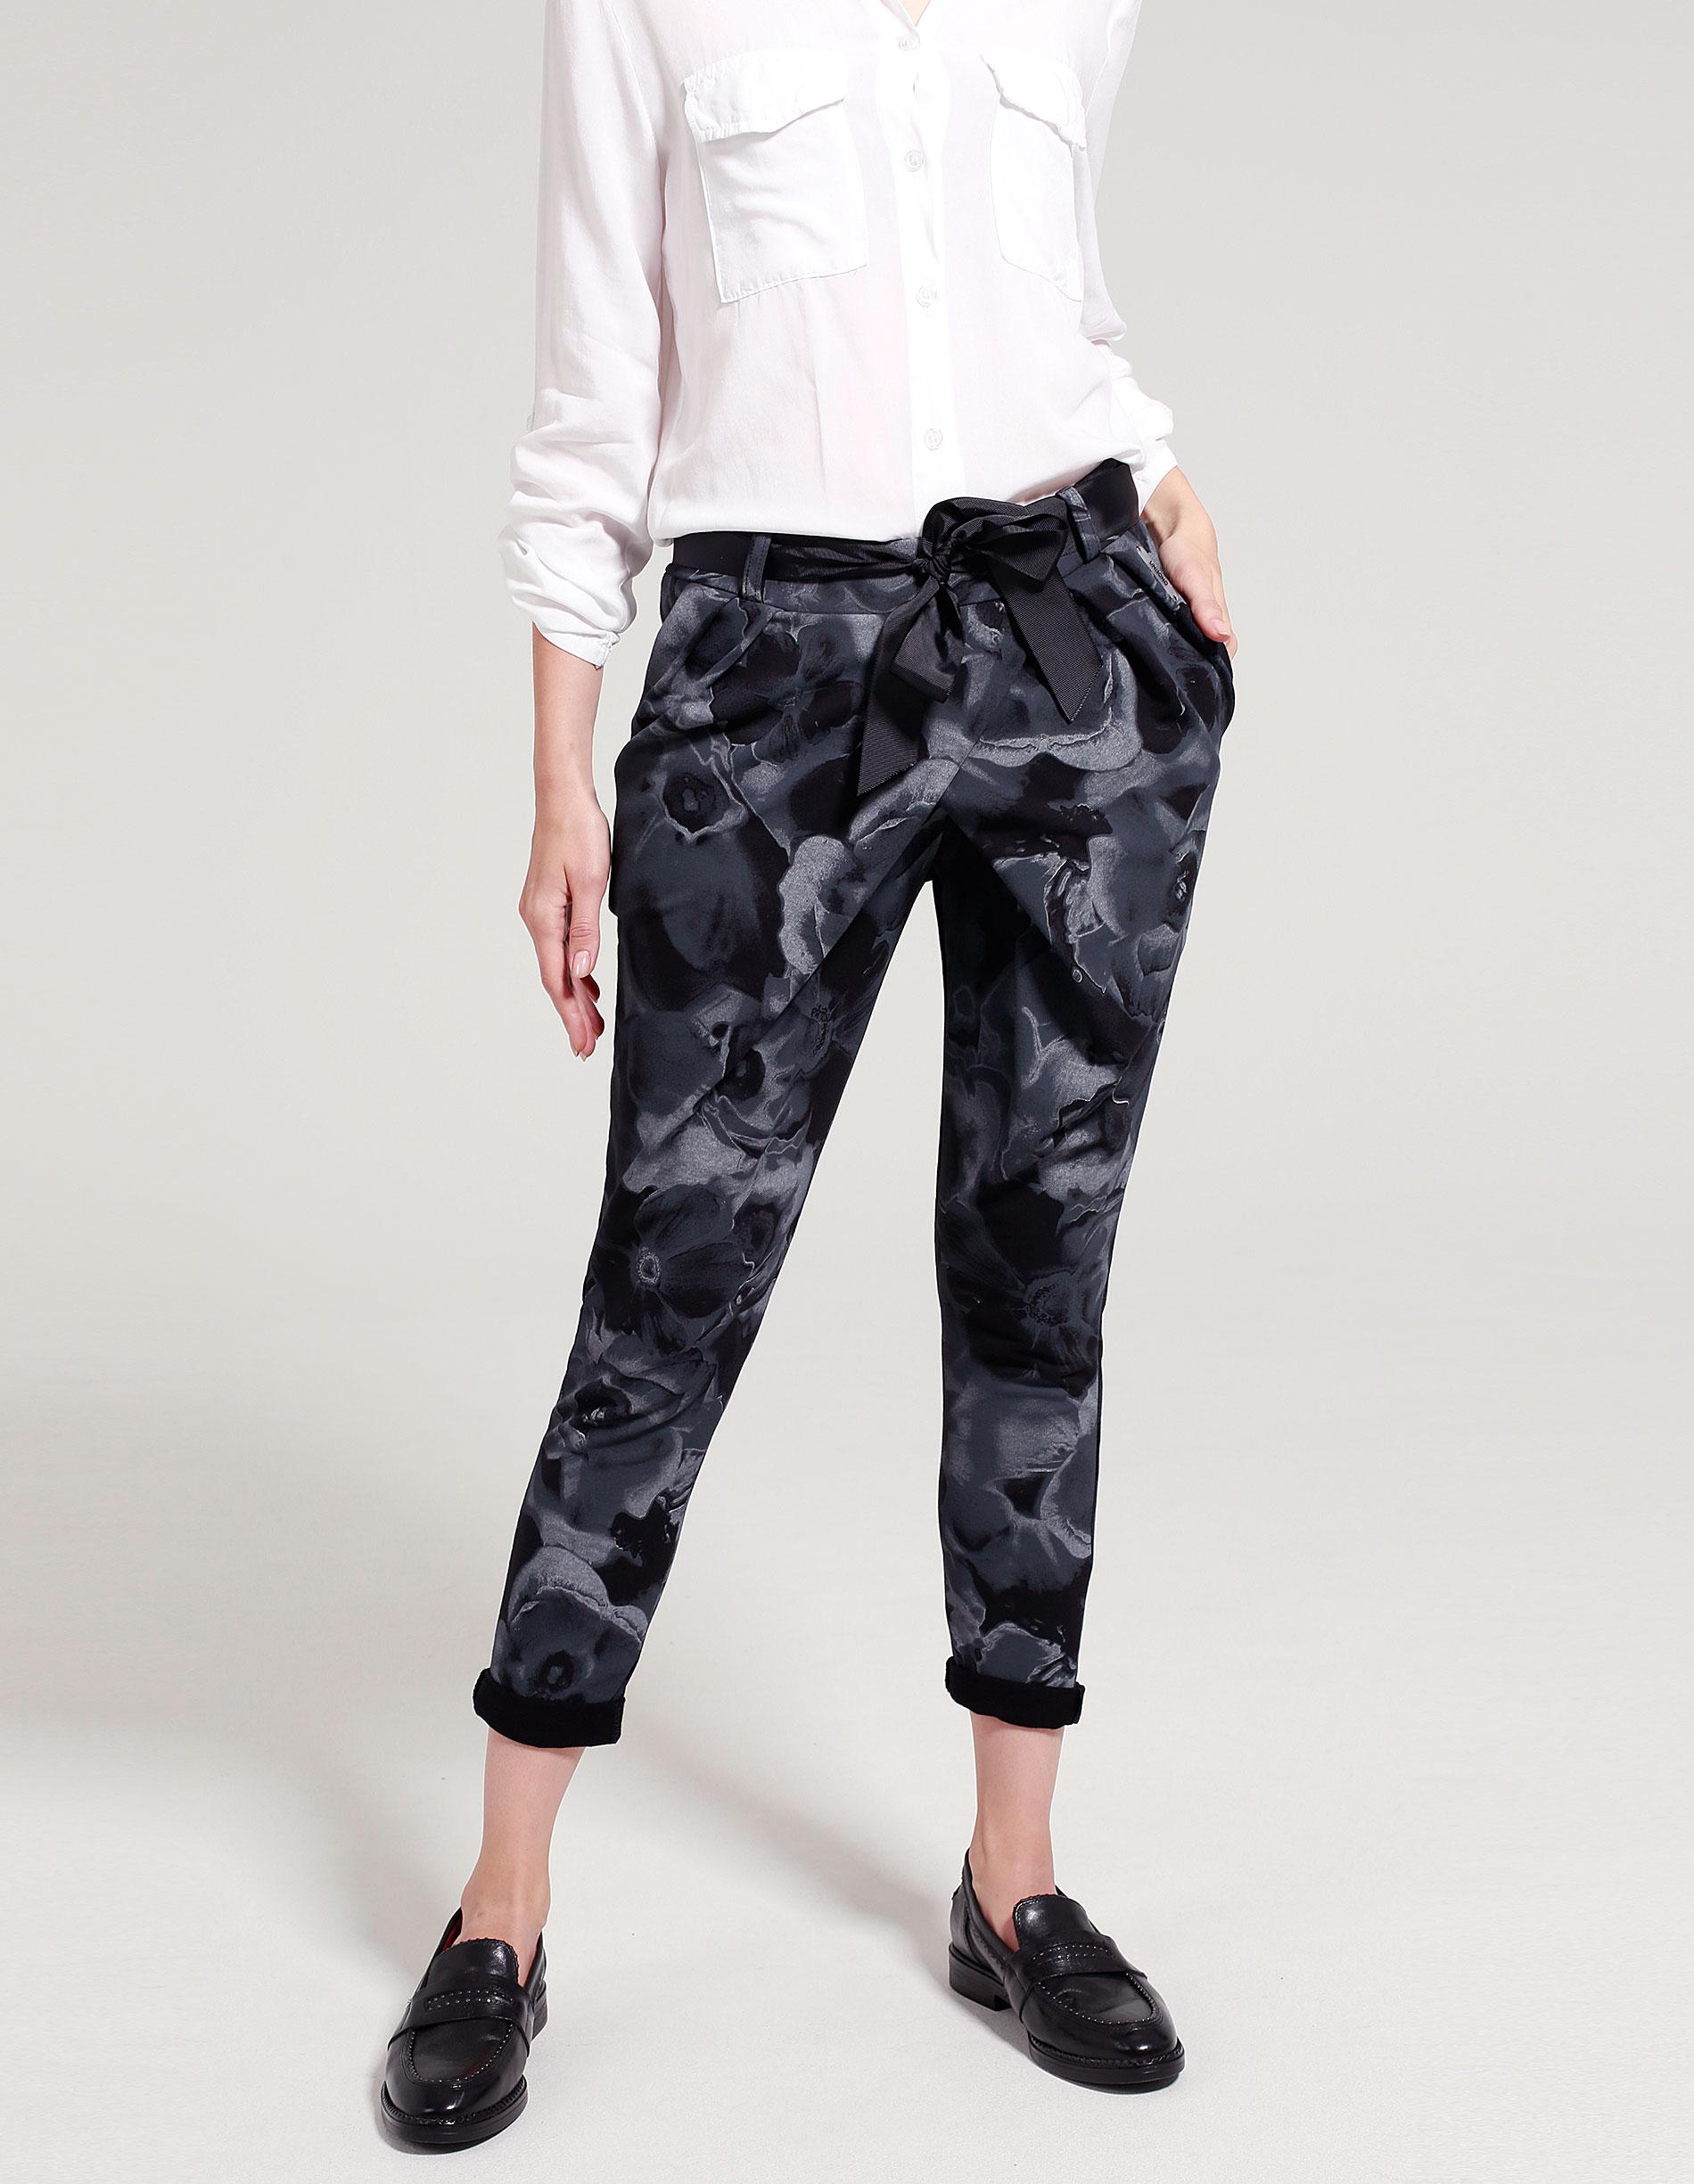 spodnie unisono spodnie - 30-66041f ner - unisono